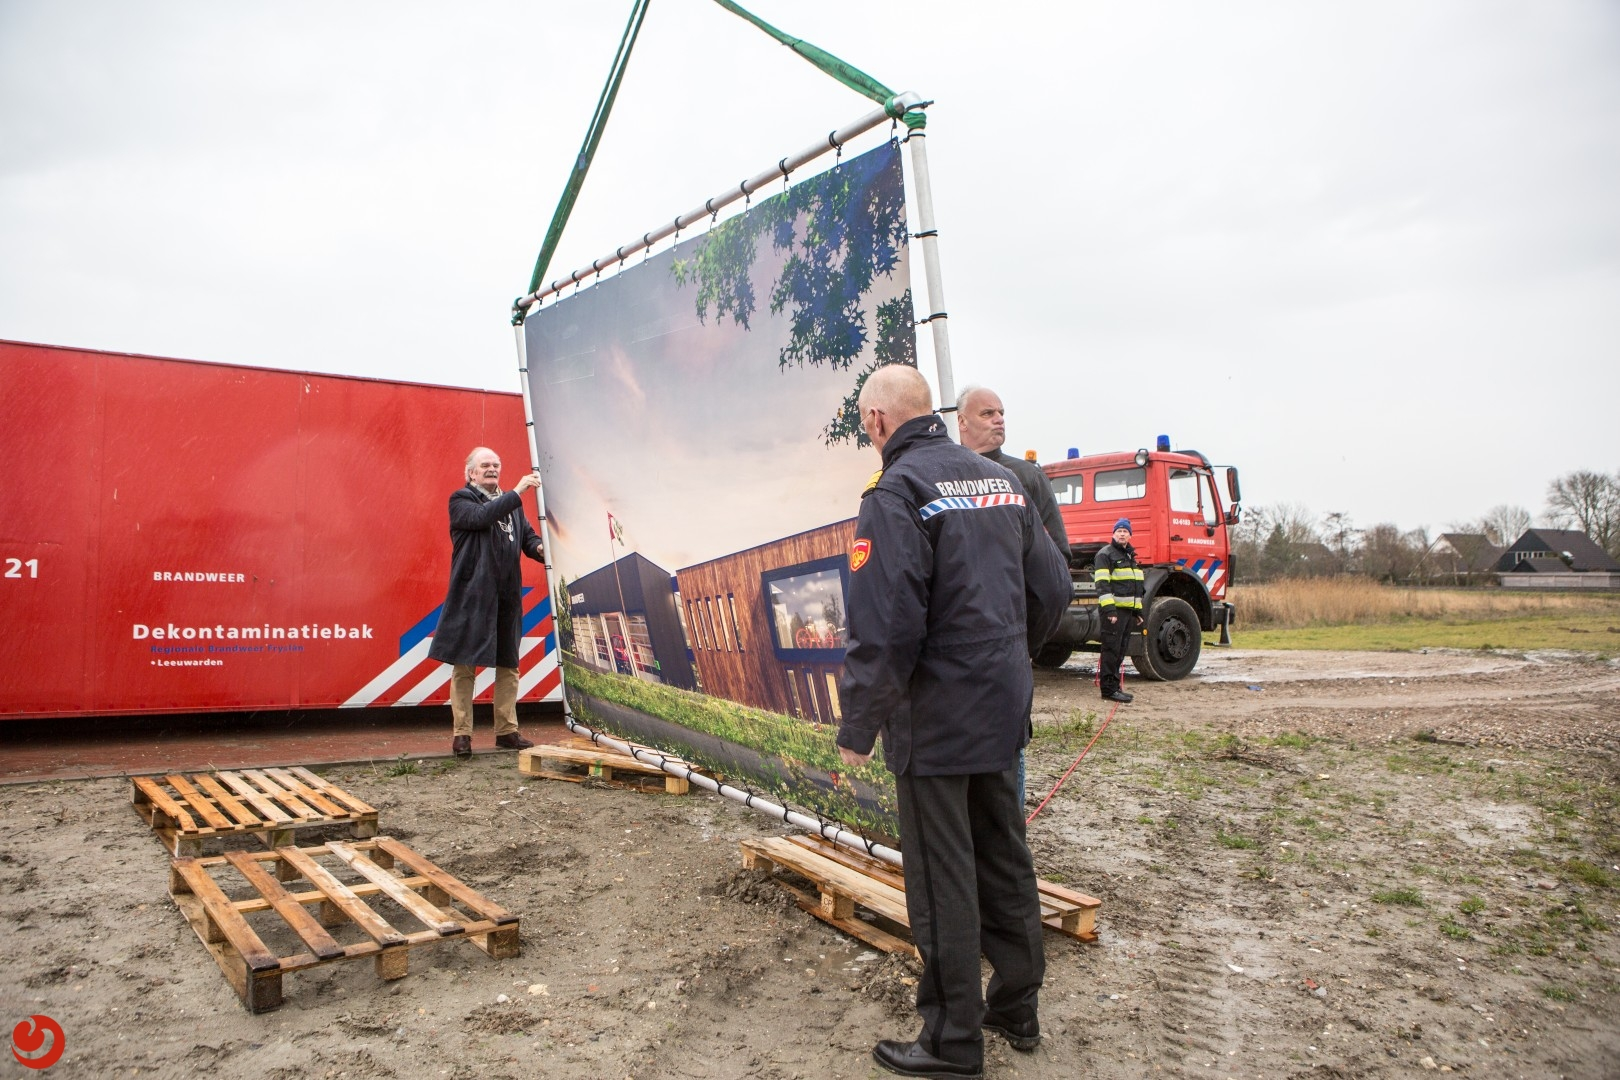 Officiële overdracht grond voor nieuwbouw kazerne